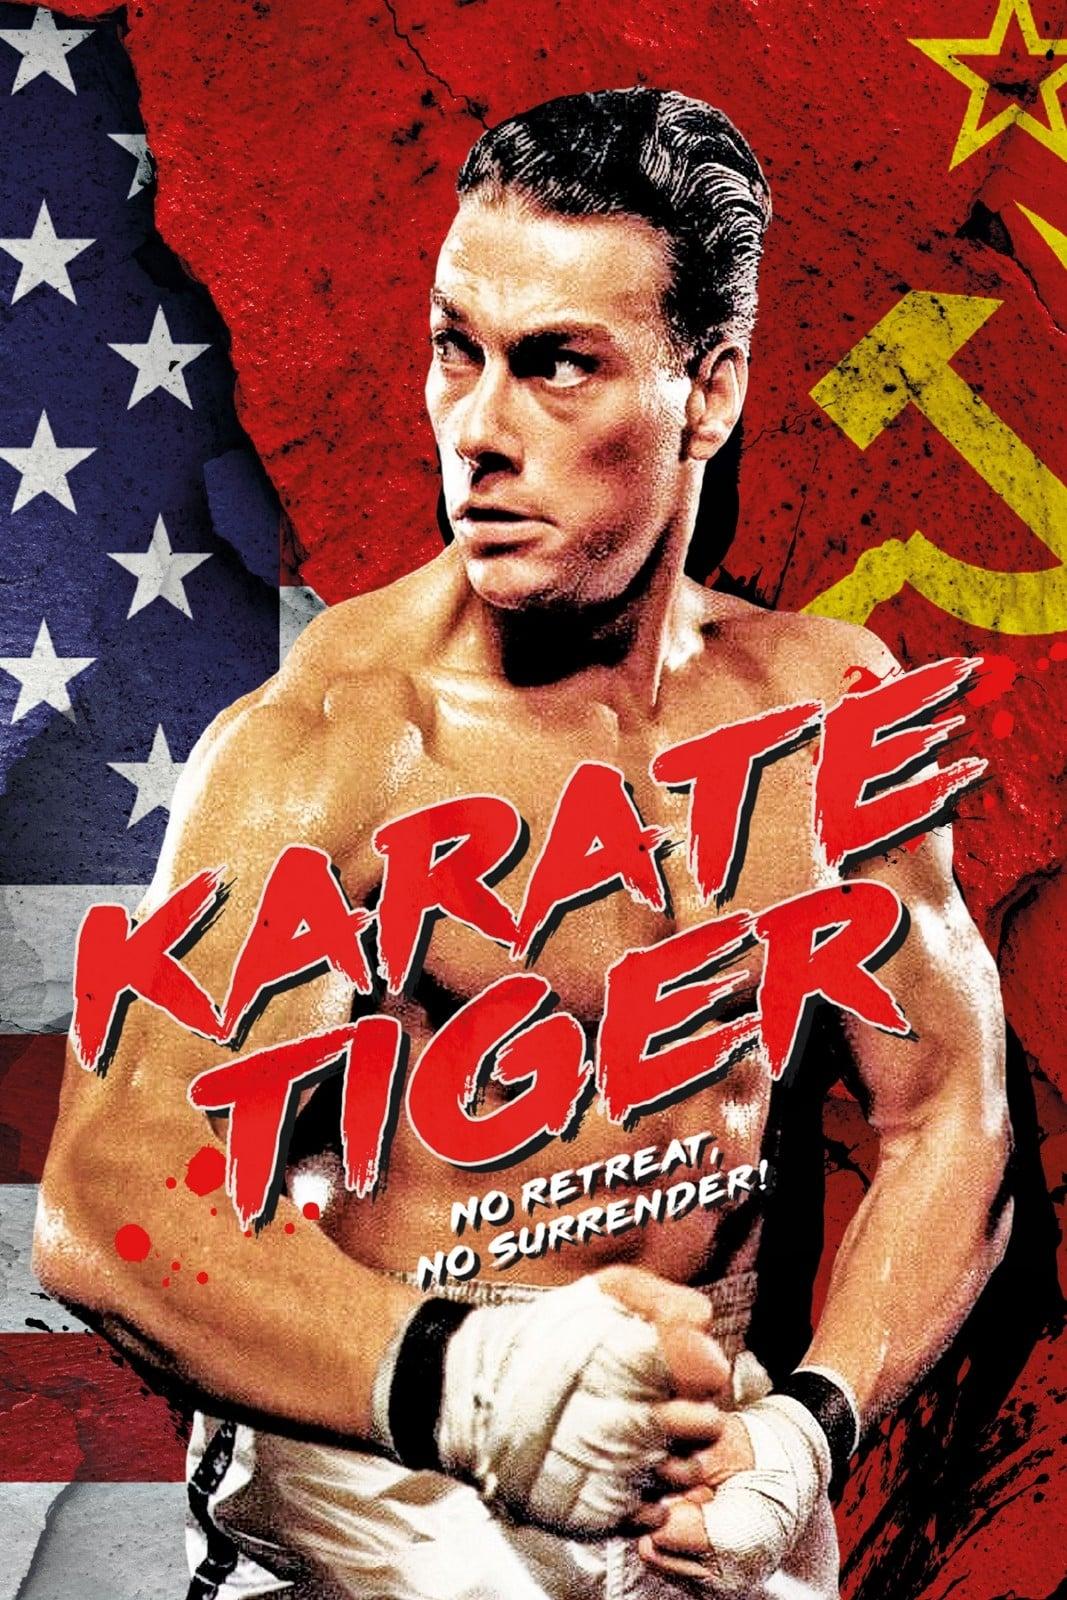 Karate Tiger Ganzer Film Deutsch